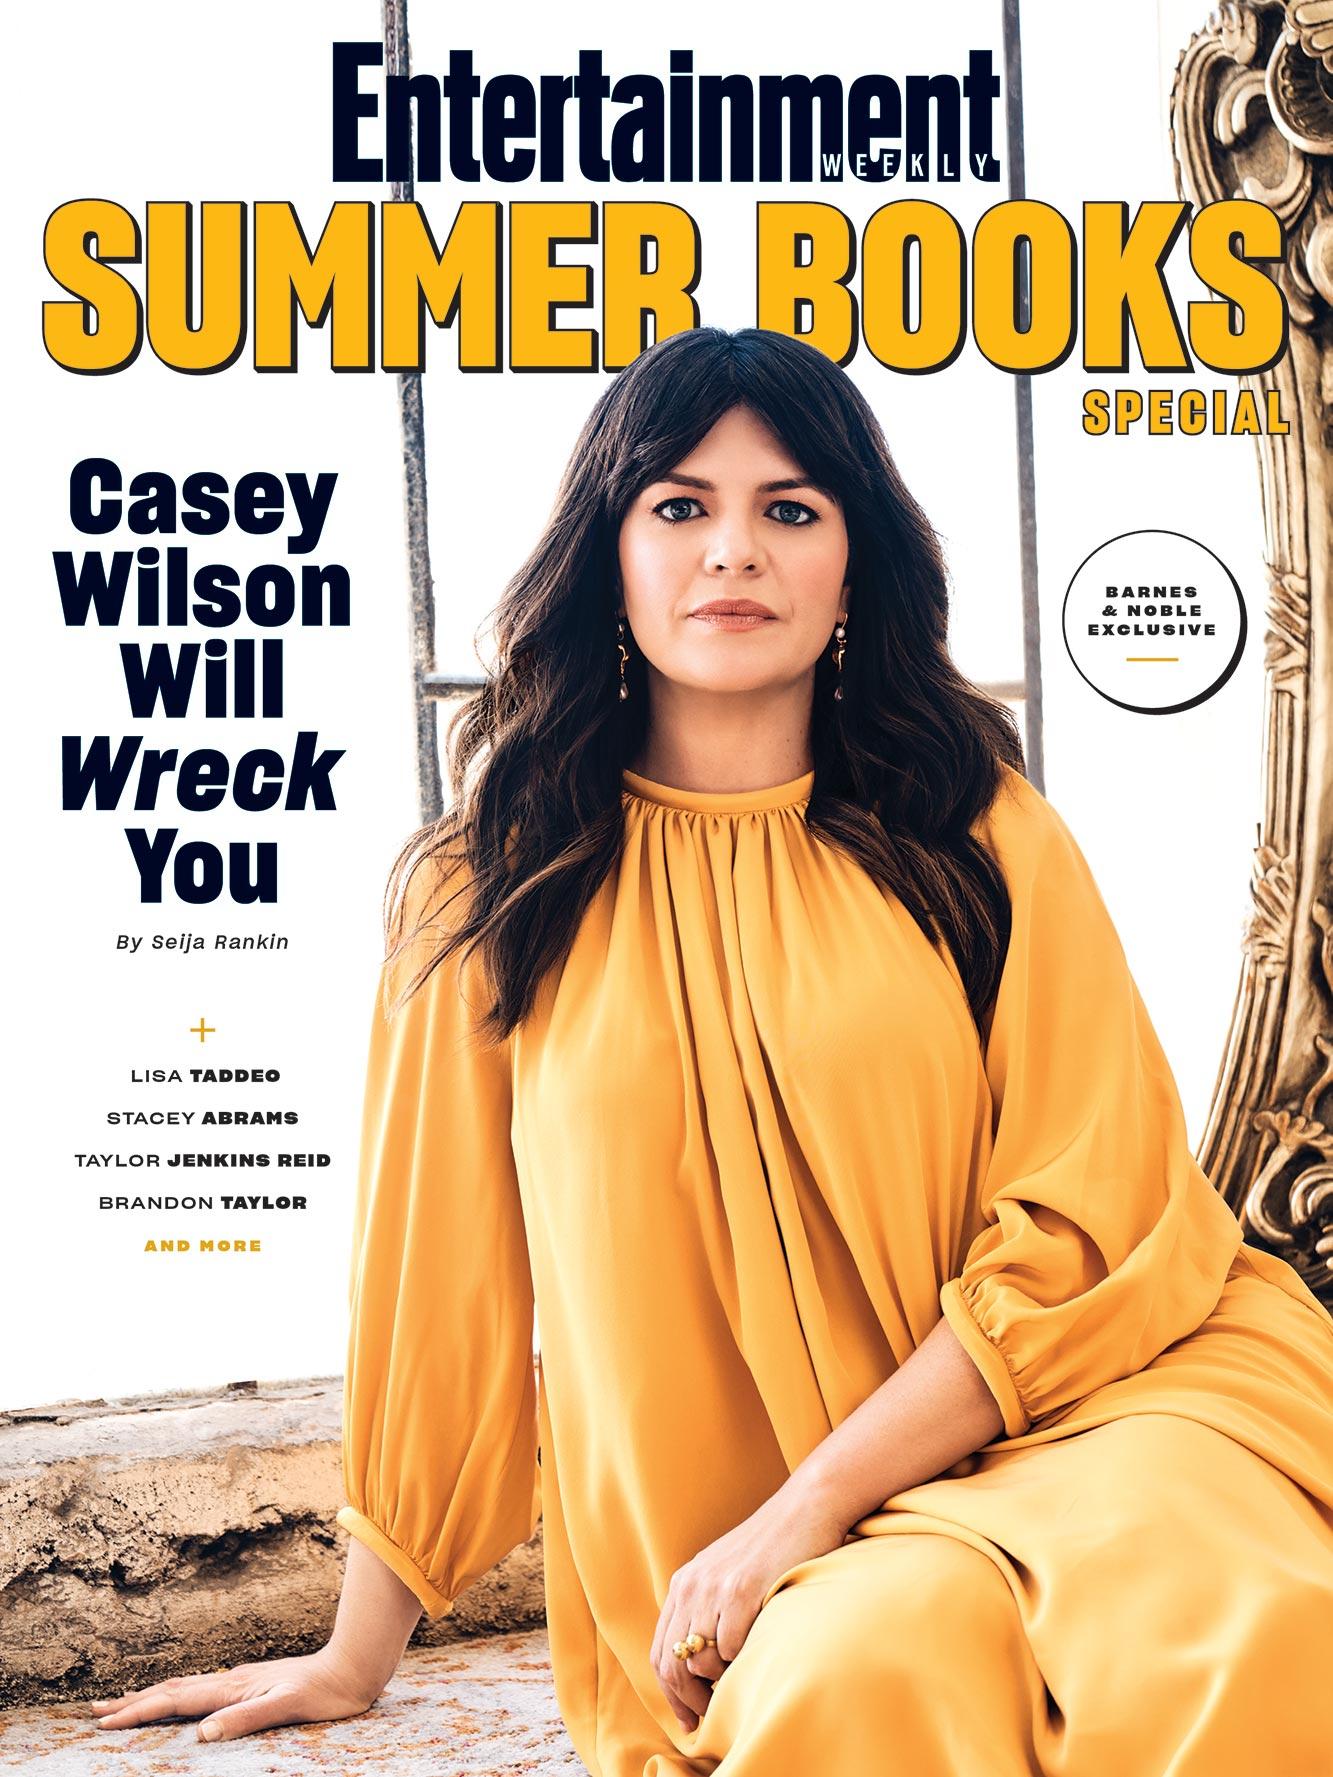 Casey Wilson Summer Books 2021 cover